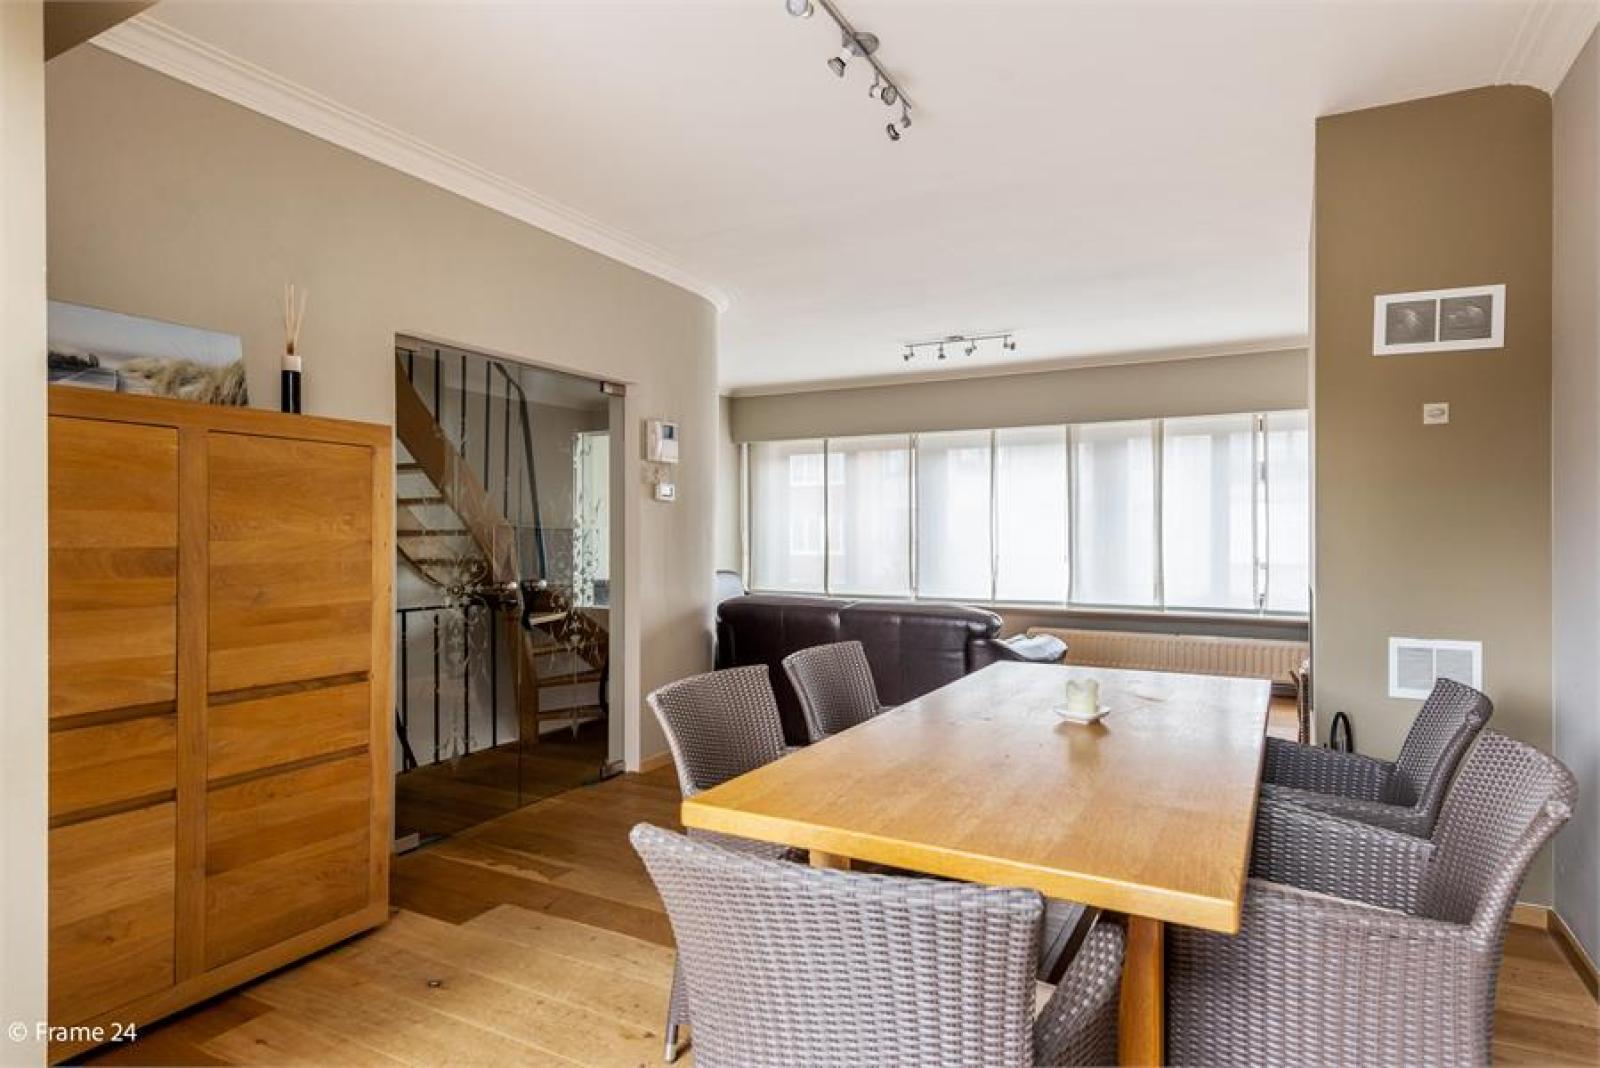 Verzorgde bel-étage met 3 slaapkamers, tuin en garage nabij centrum Wijnegem gelegen. afbeelding 7